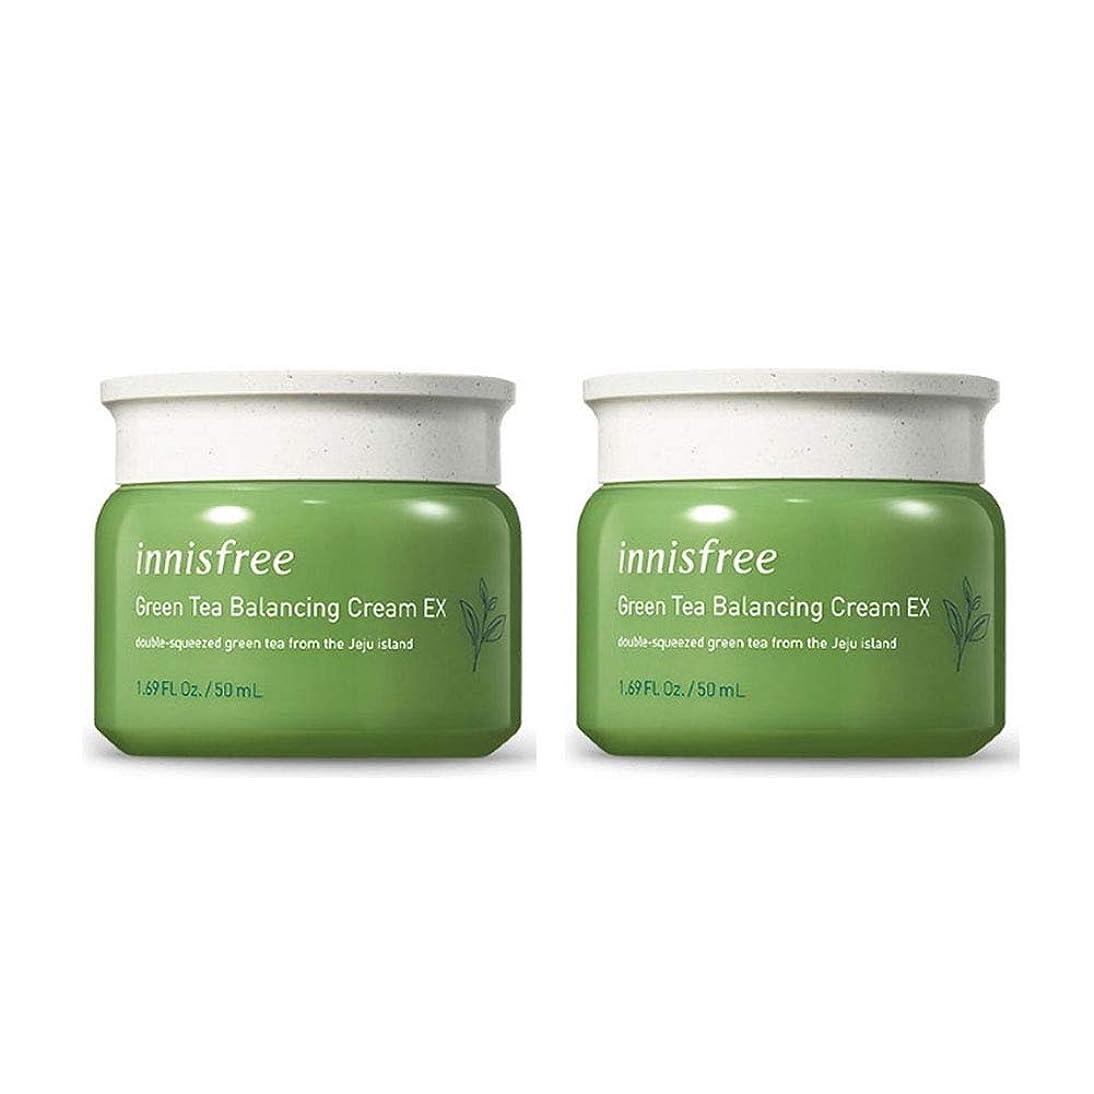 牛肉レオナルドダプロポーショナルイニスフリーグリーンティーバランシングクリームEX 50mlx2本セット韓国コスメ、innisfree Green Tea Balancing Cream EX 50ml x 2ea Set Korean Cosmetics [並行輸入品]